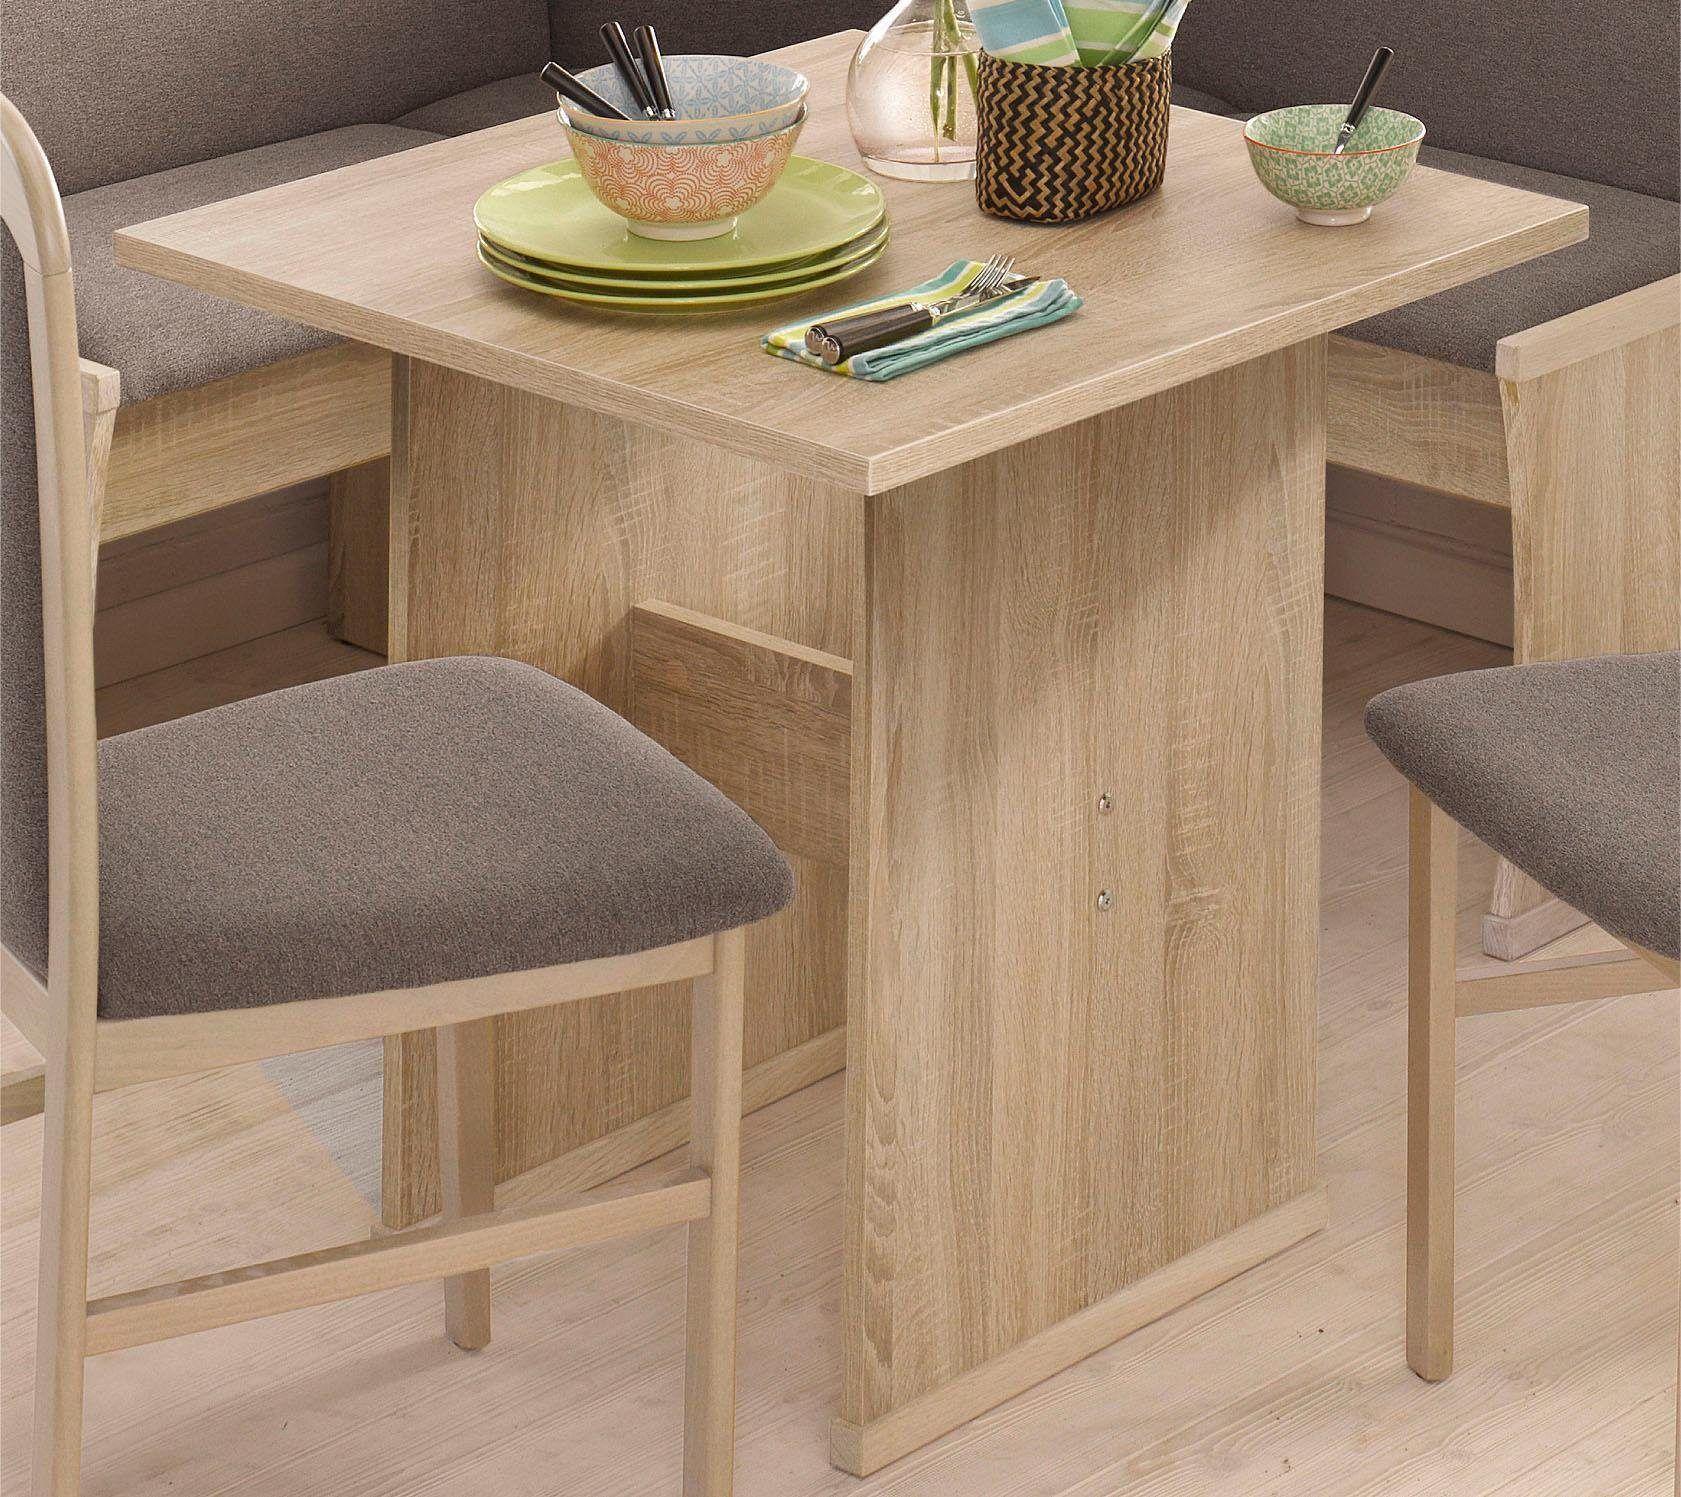 Esstisch braun, Tisch klein, pflegeleichte Oberfläche, FSC ...